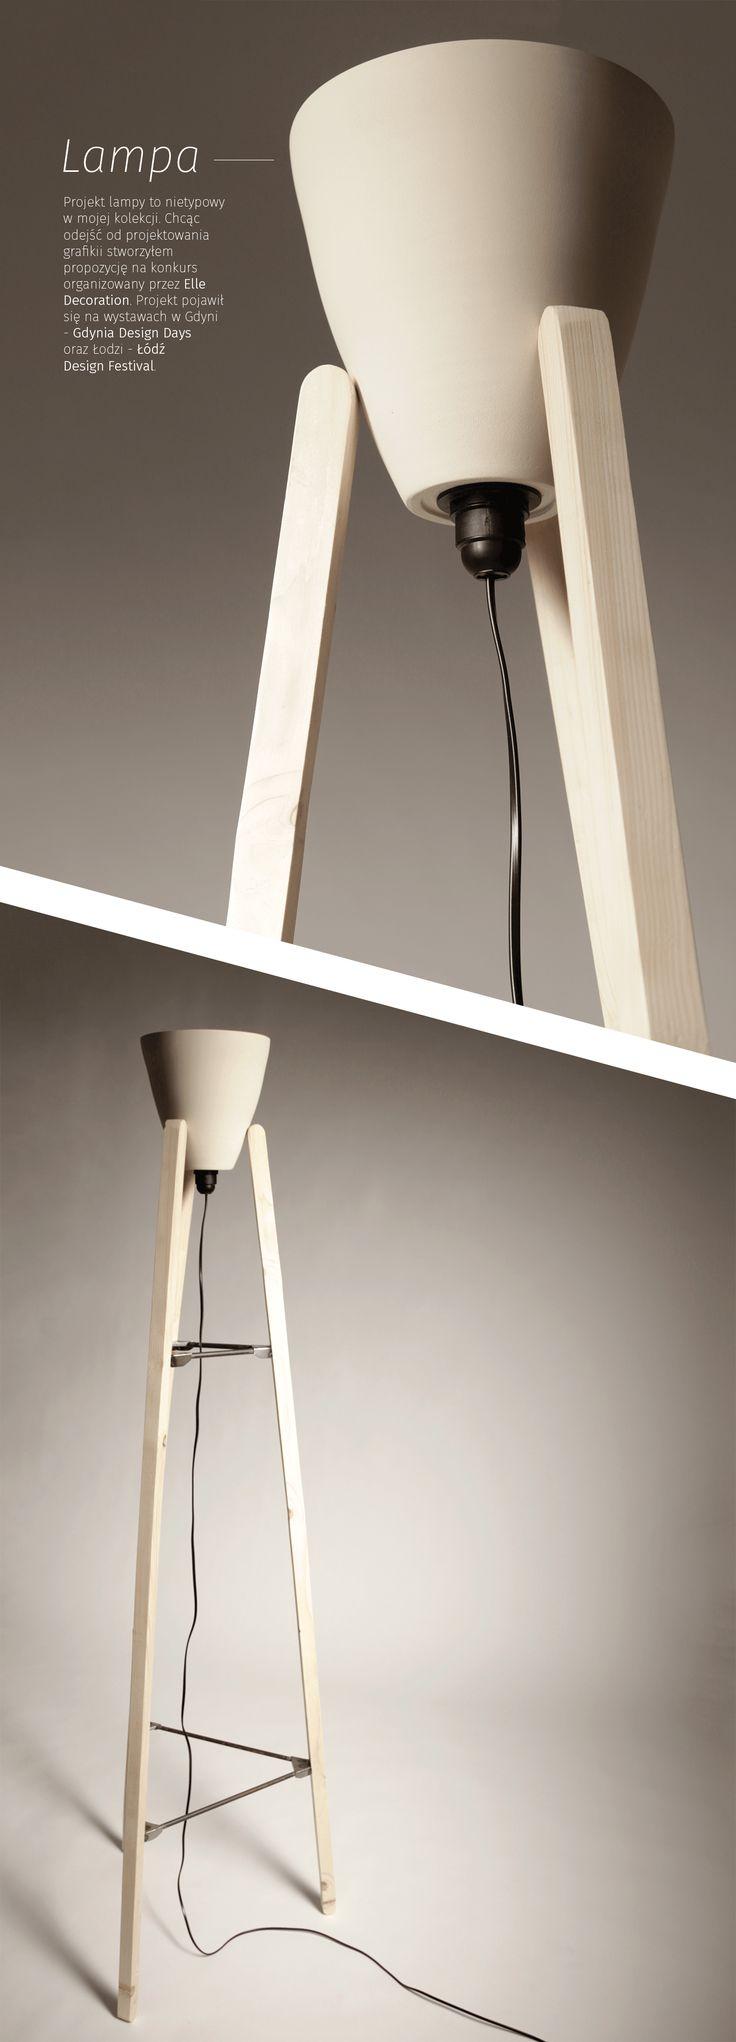 次の @Behance プロジェクトを見る : 「Lampa」 https://www.behance.net/gallery/49375211/Lampa